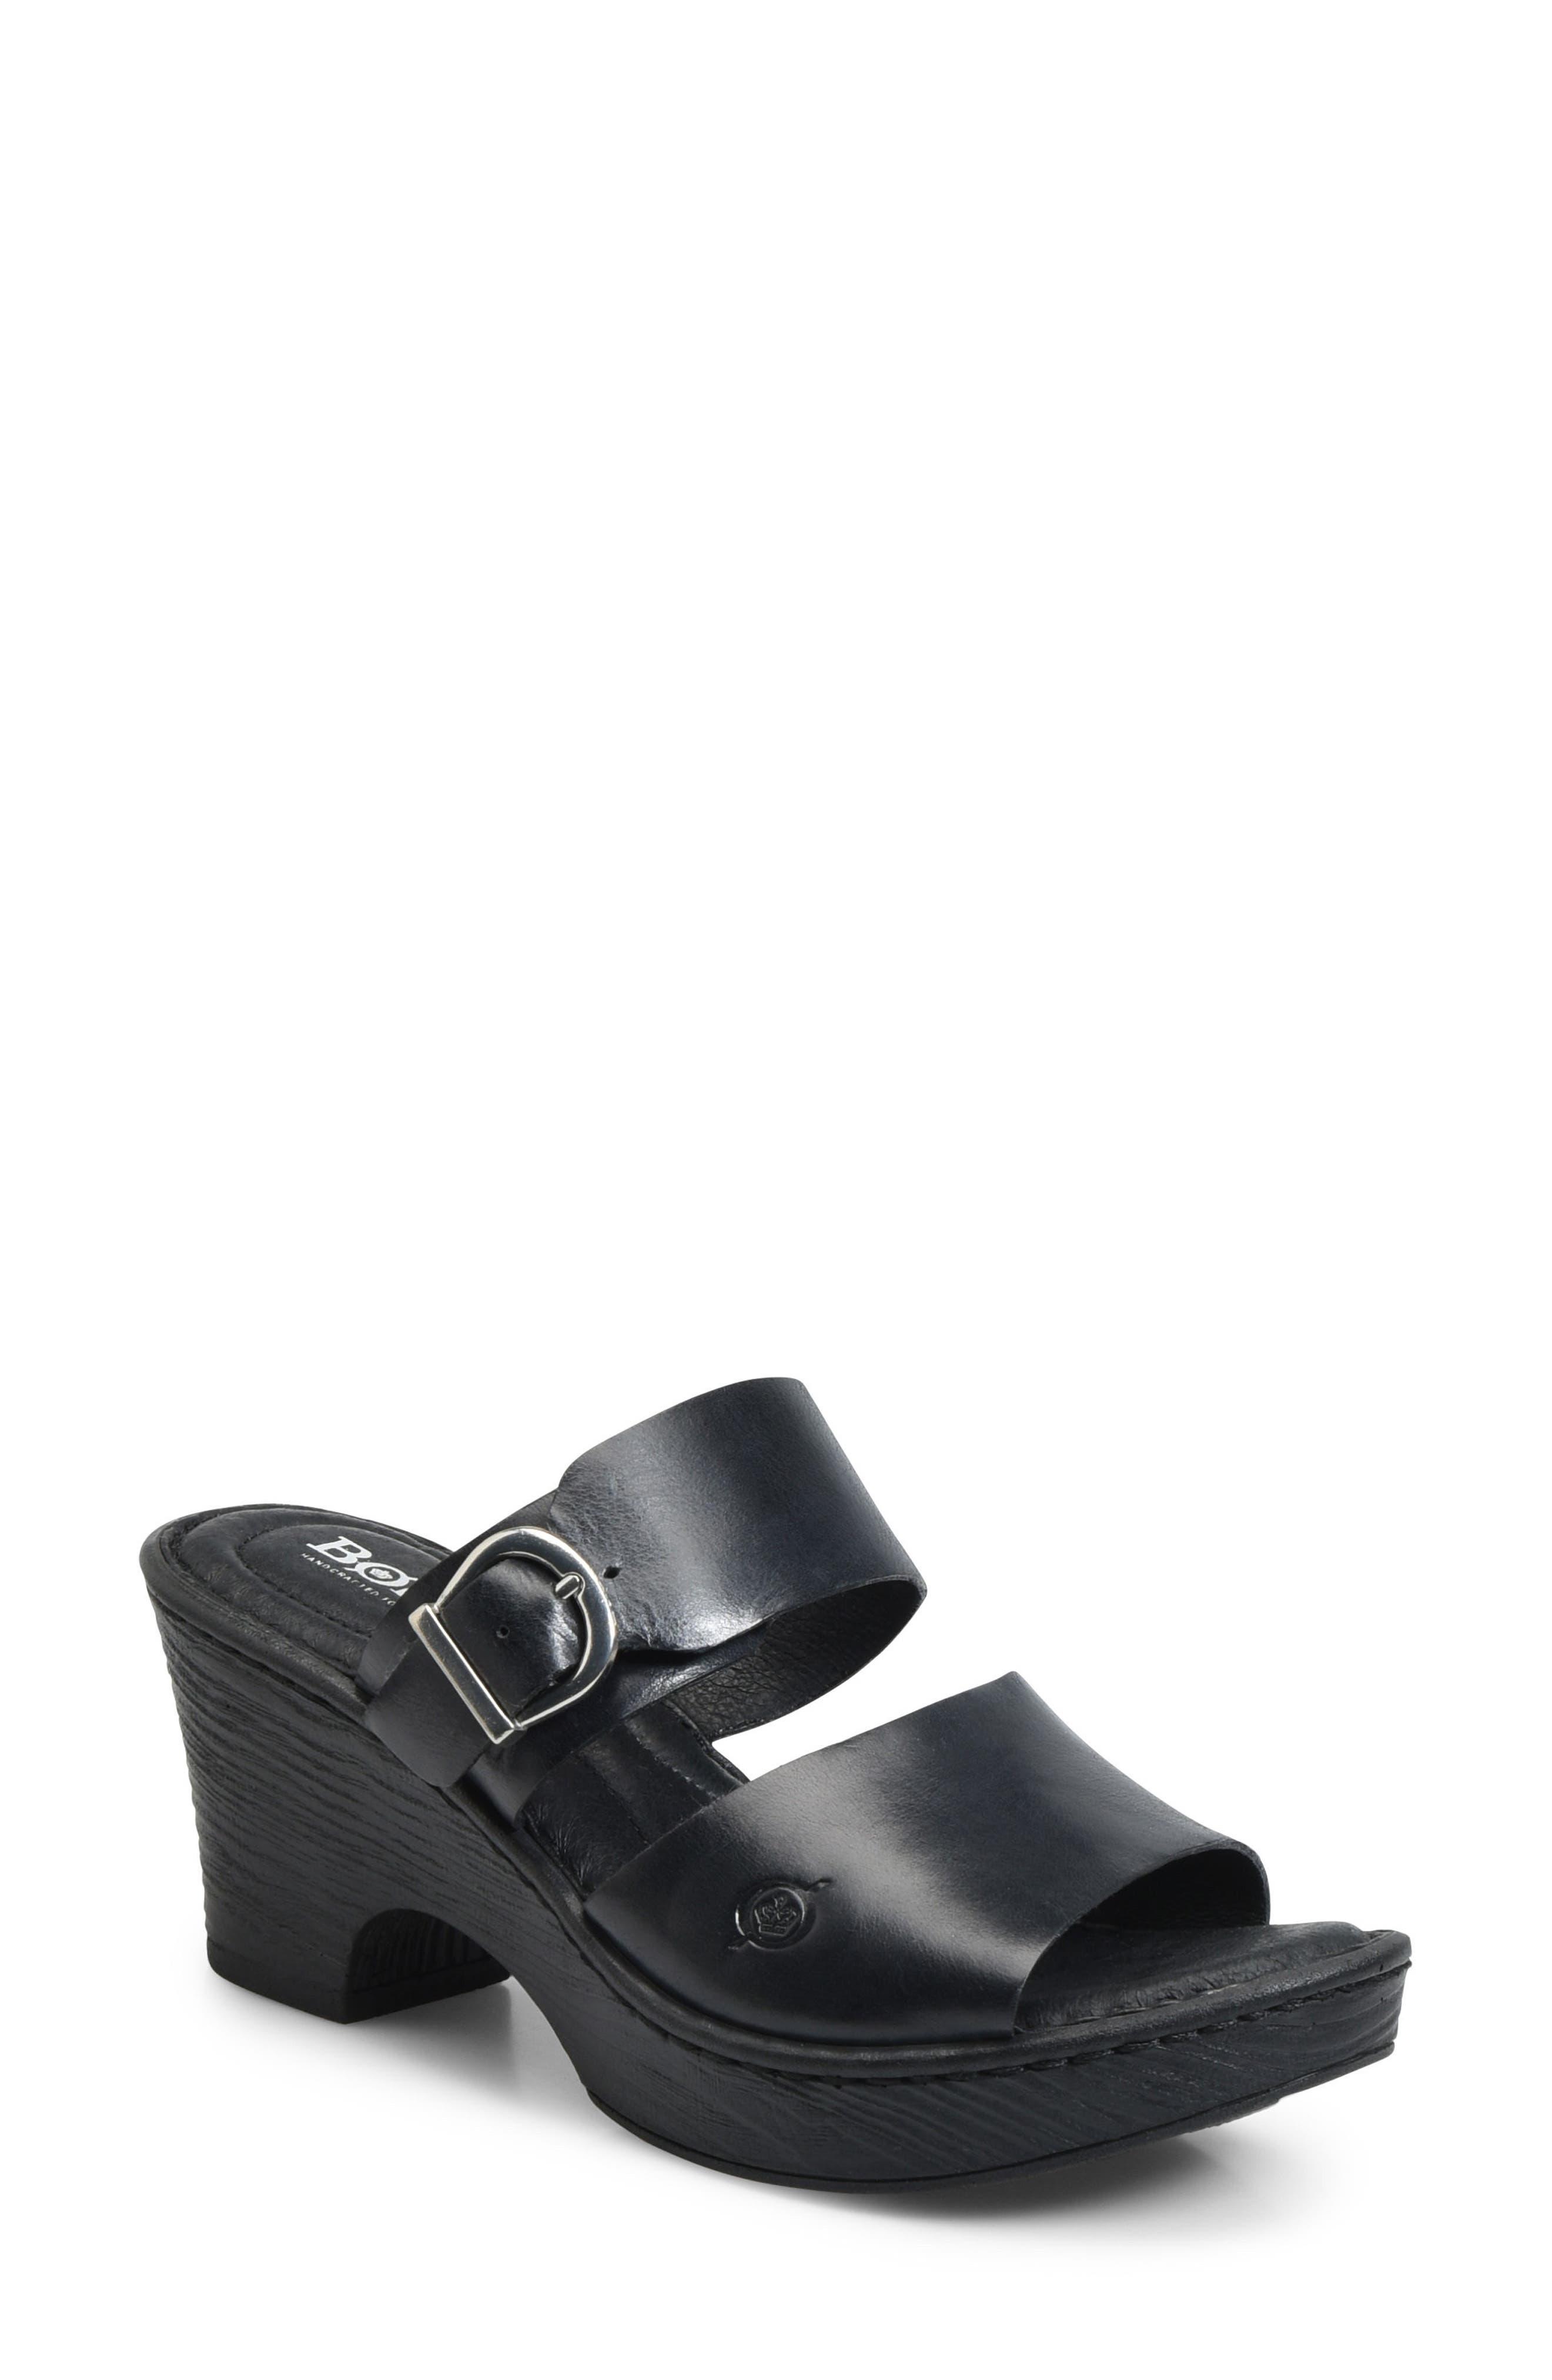 Børn Carrabelle Platform Sandal (Women)